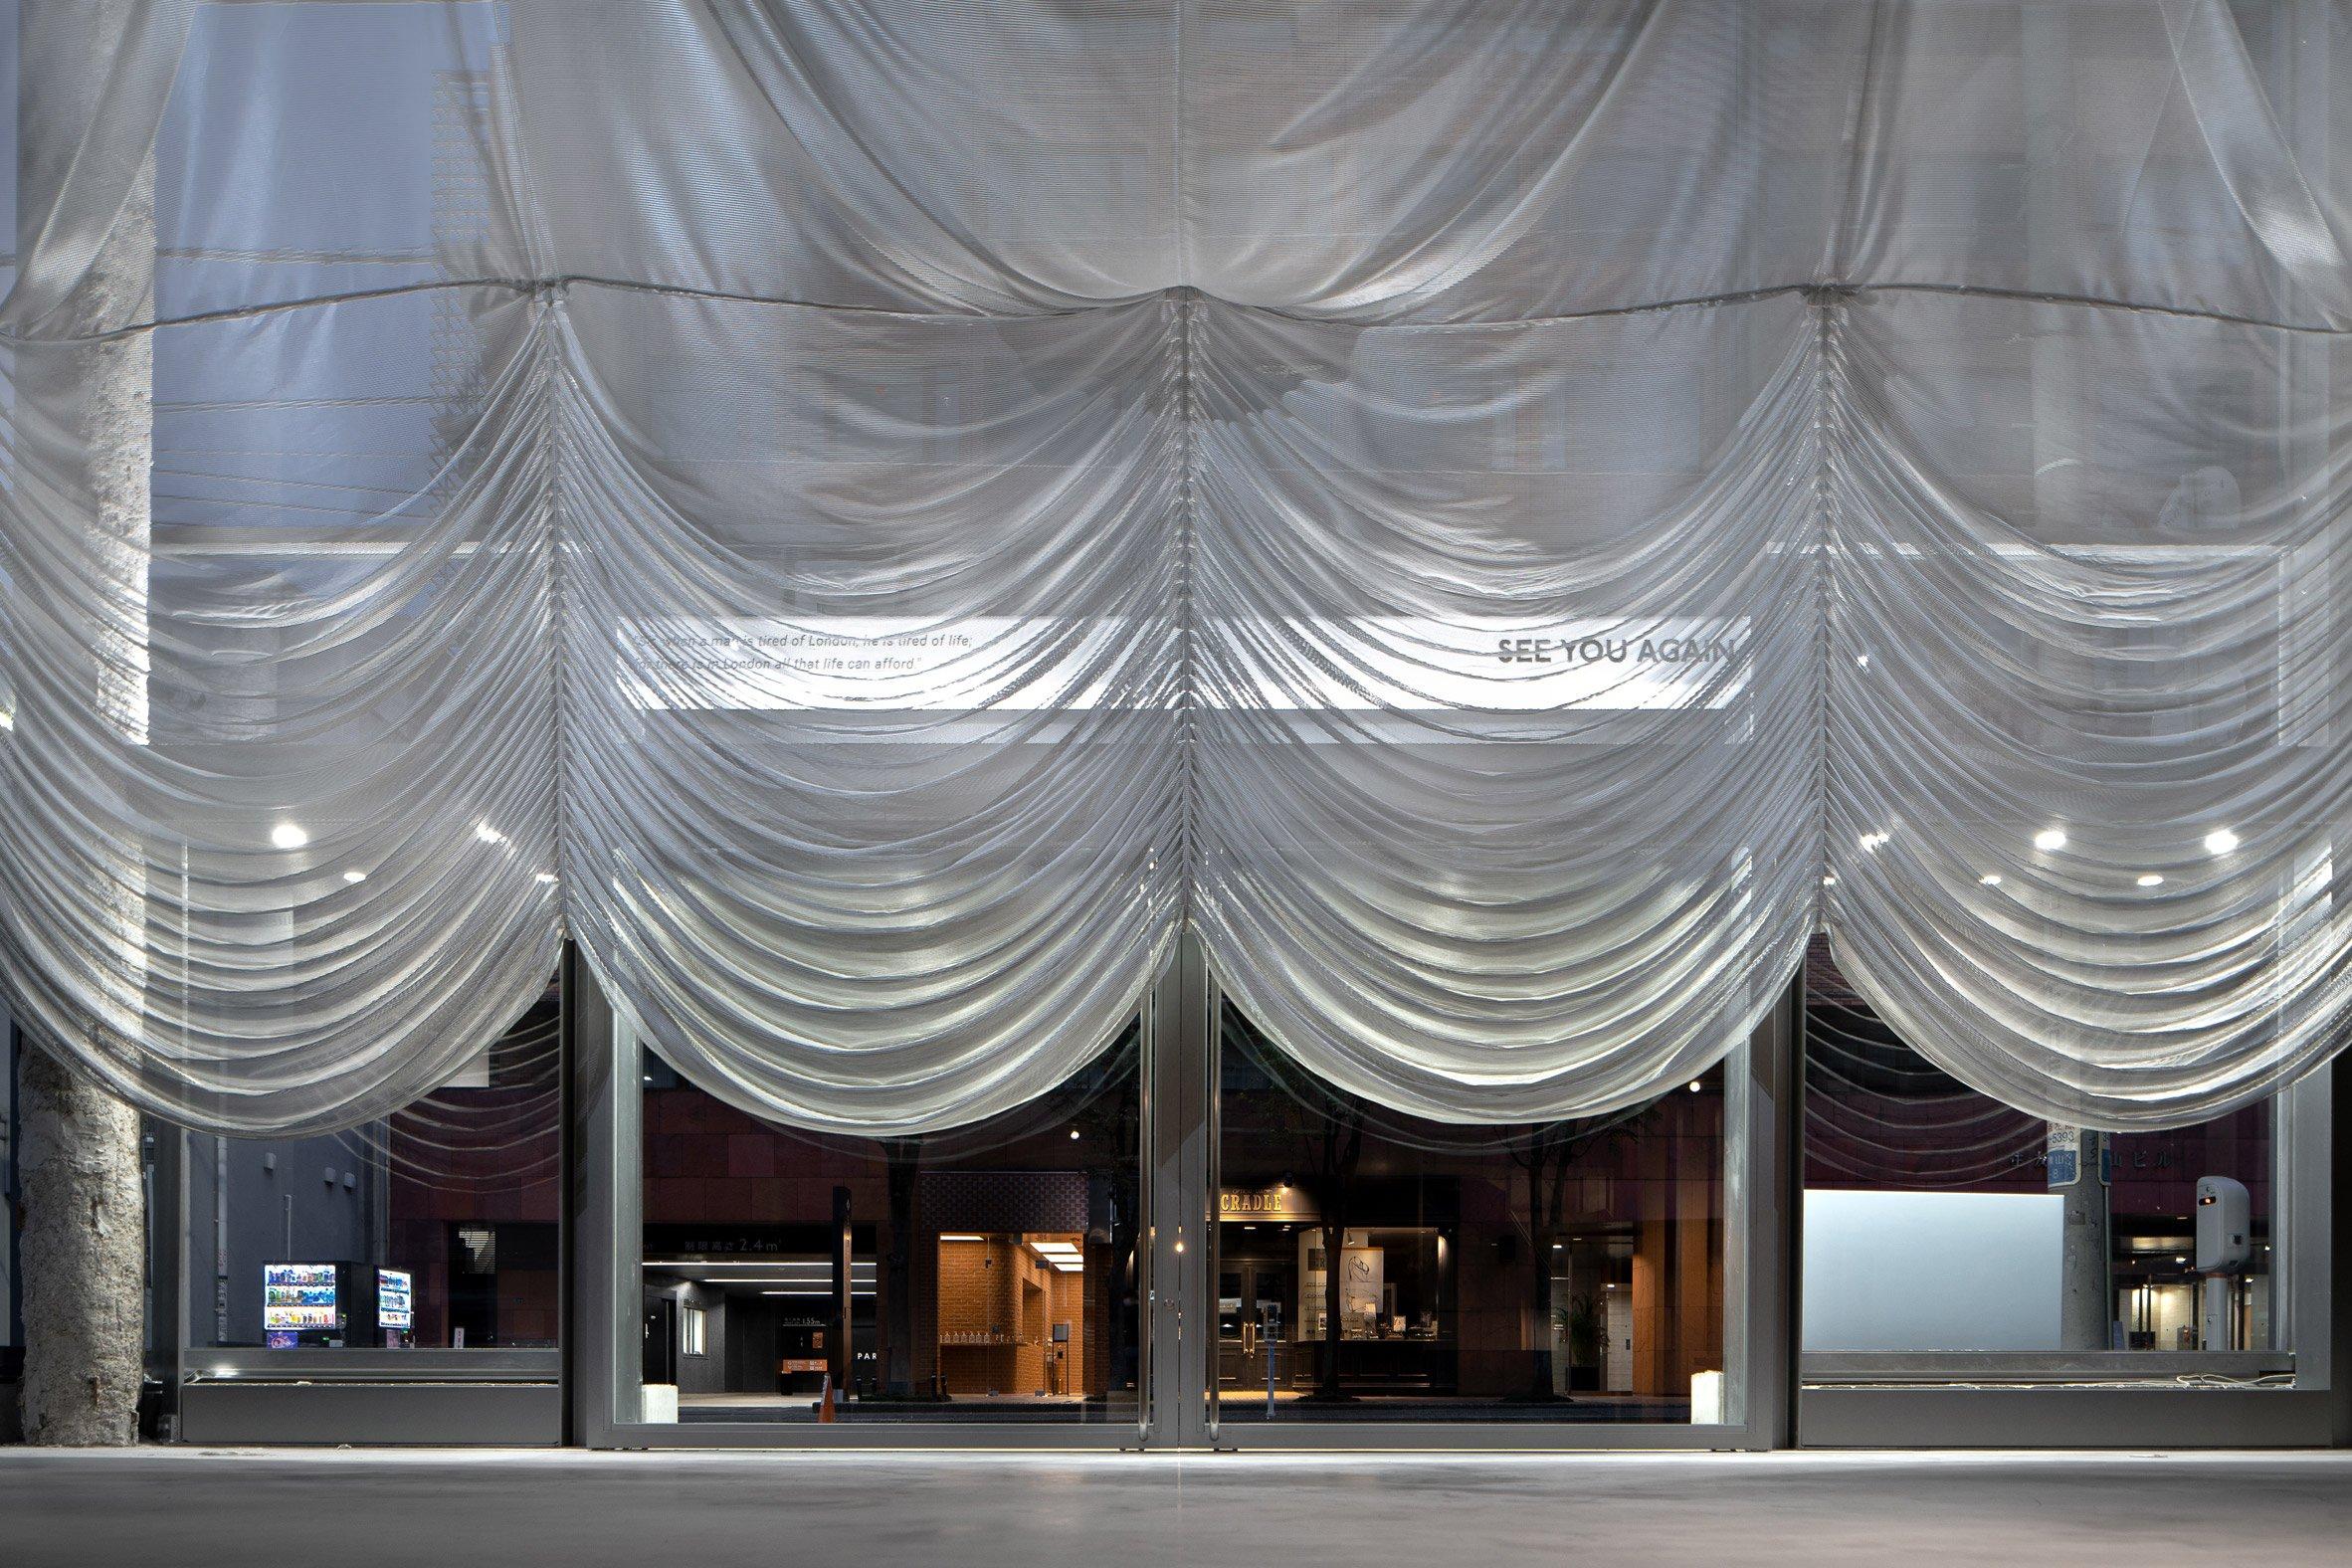 Curtain at Tokyo fashion store